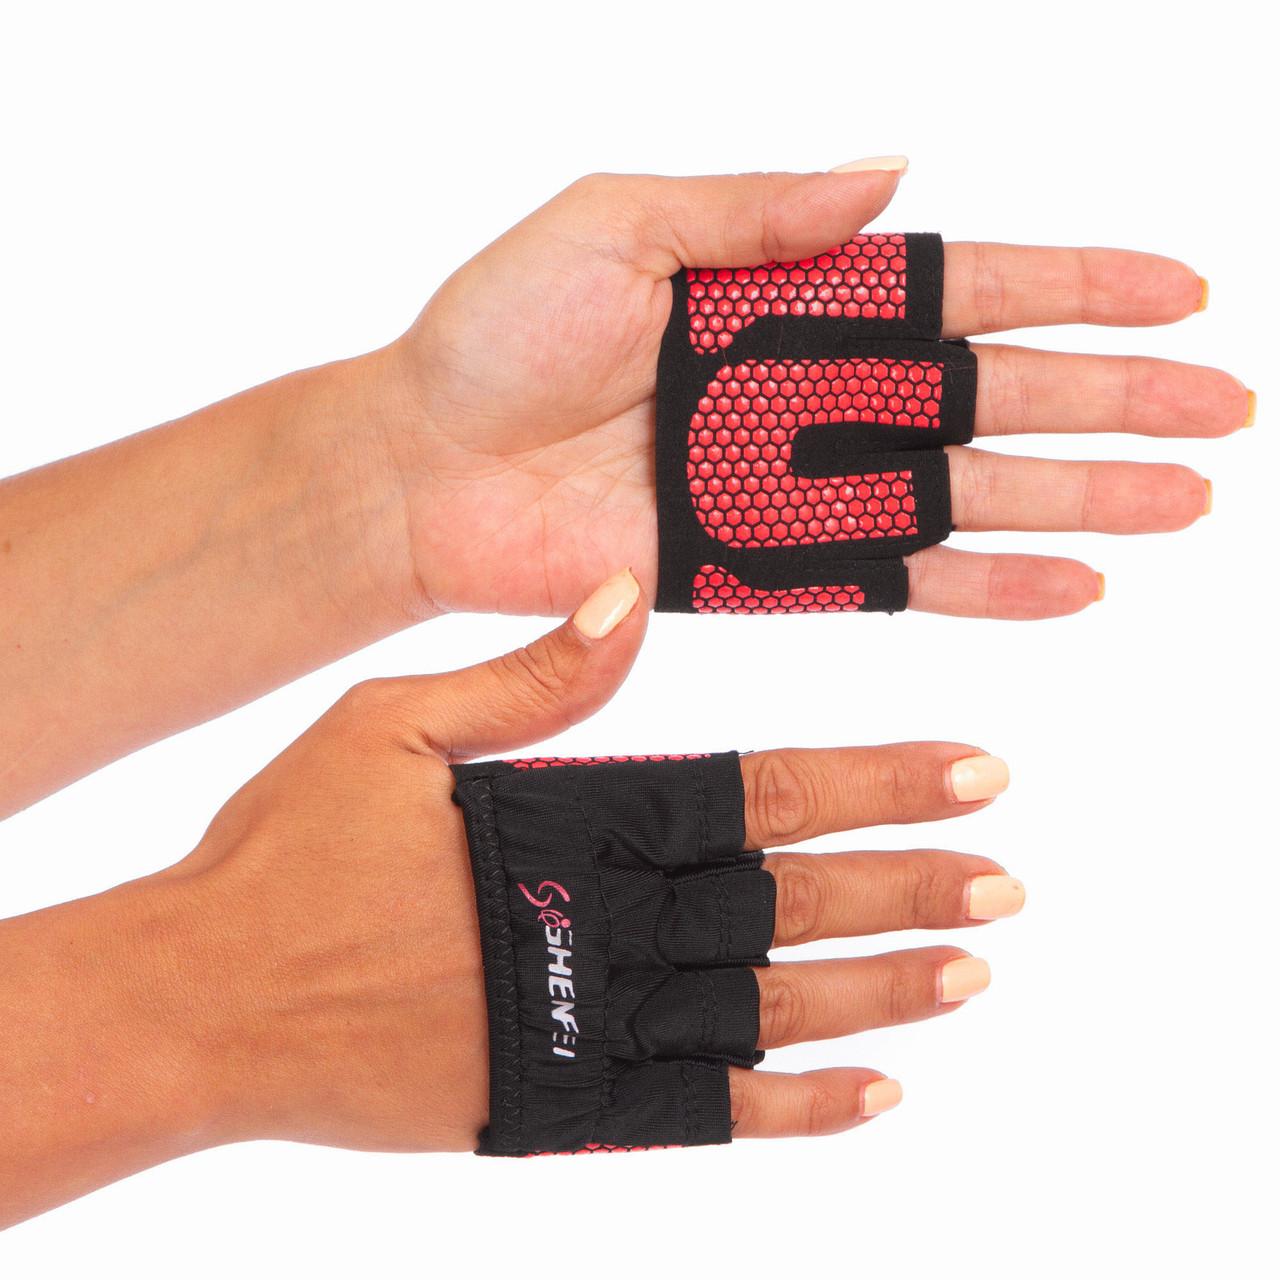 Накладки атлетичні (грипад) для підняття ваги WorkOut рожеві FI-8038, L